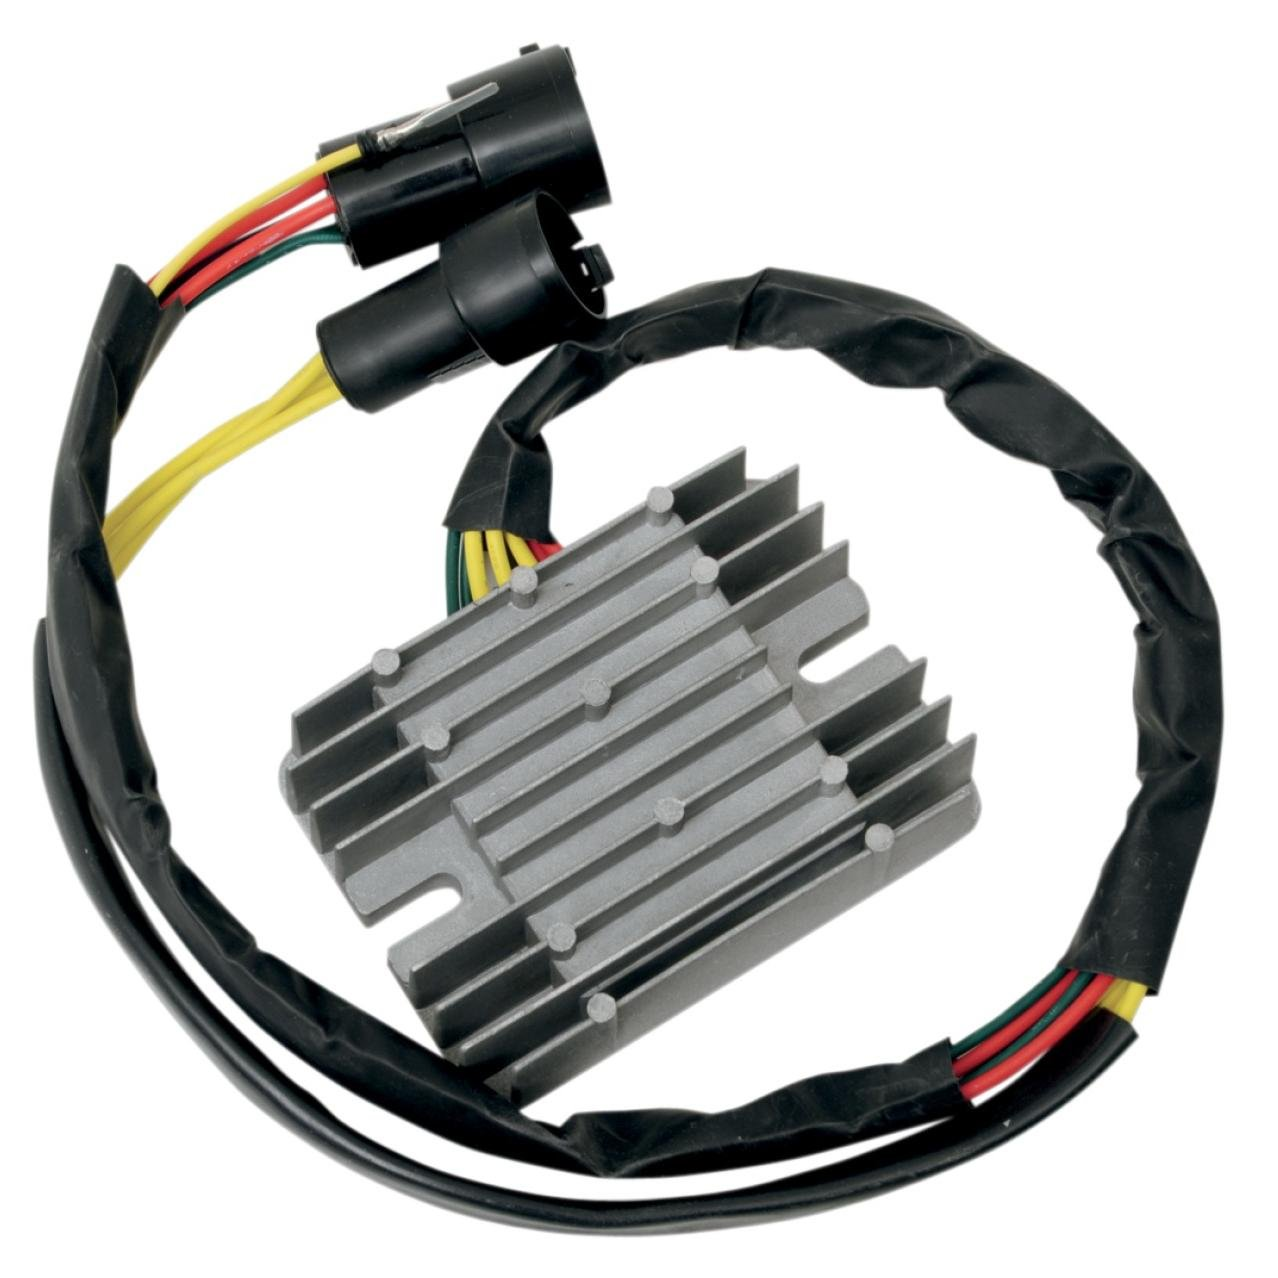 Ricks Motorsport Electric Rectifier/Regulator 10-318